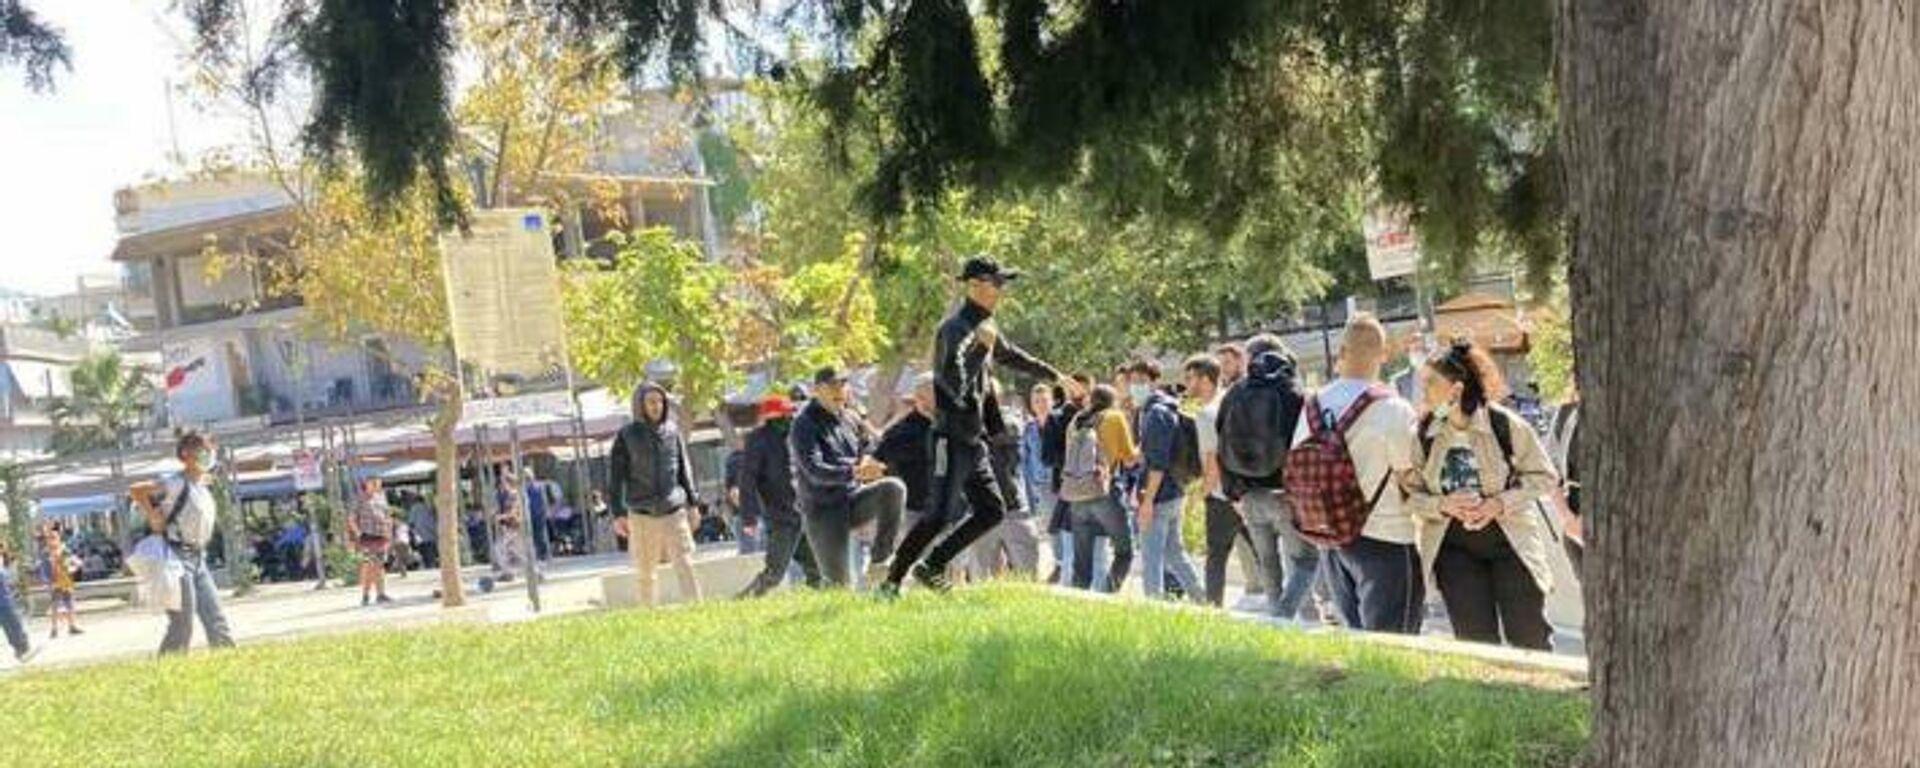 Η στιγμή που φασίστες επιτίθενται σε μέλη της ΚΝΕ στην Ηλιούπολη Θεσσαλονίκης - Sputnik Ελλάδα, 1920, 05.10.2021